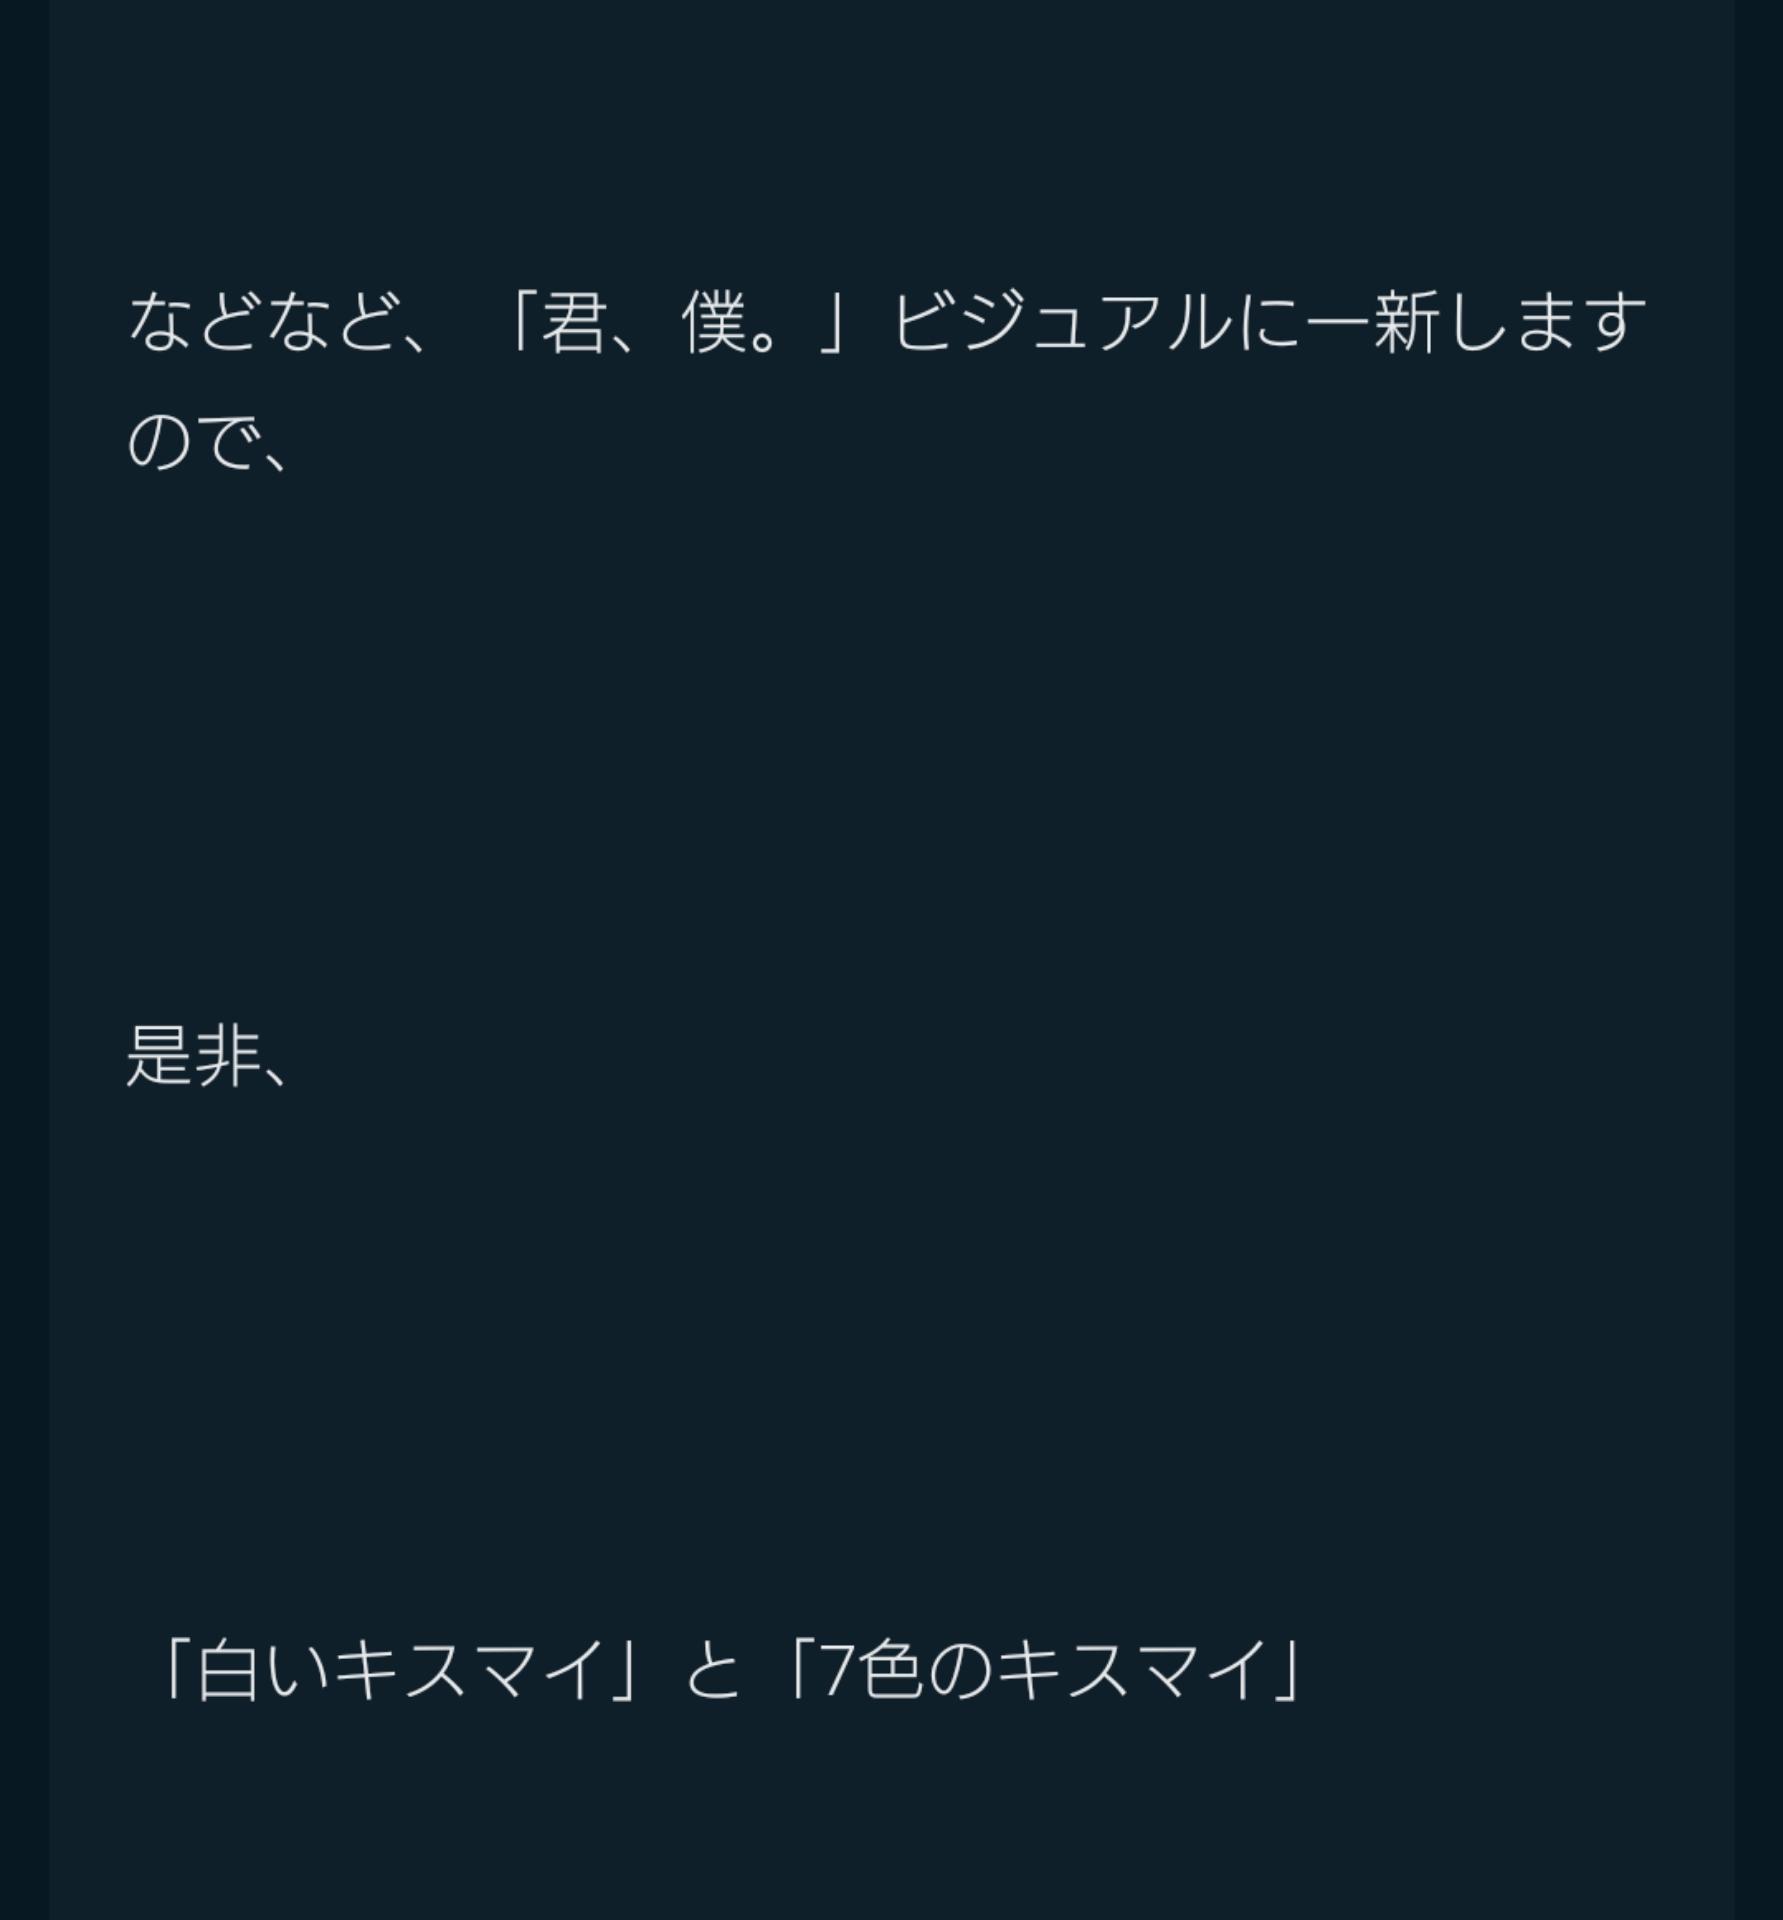 20180830202212fd6.jpg